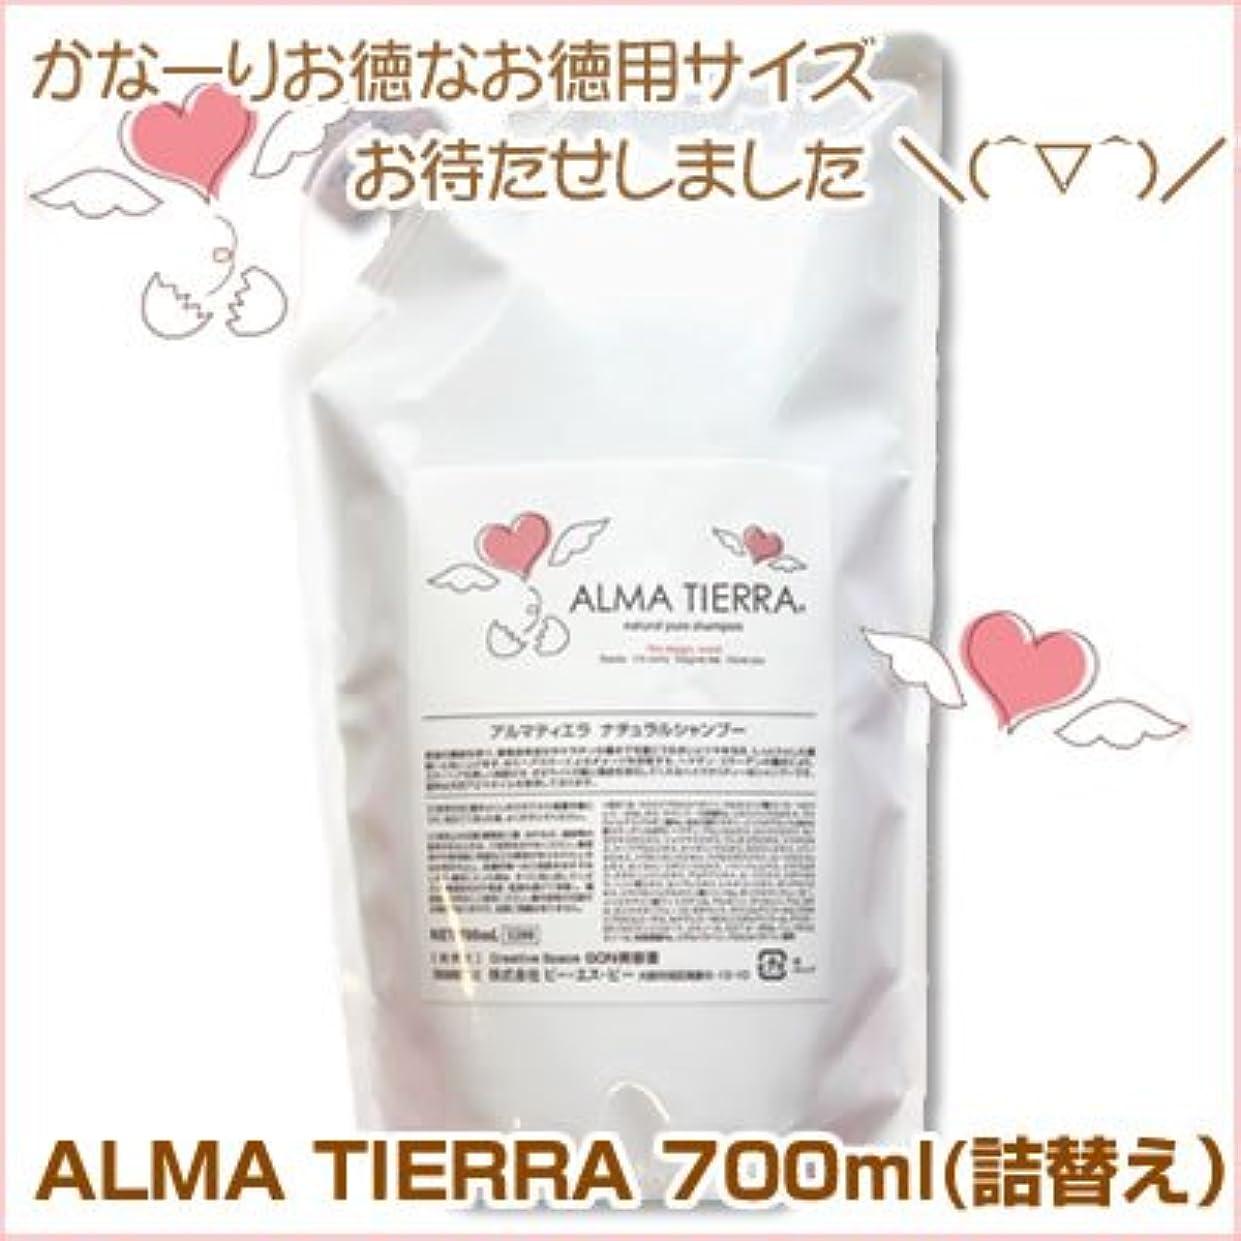 専らパニック日の出アルマティエラ ナチュラルピュアシャンプー 700ml(詰替え) サロン専売品